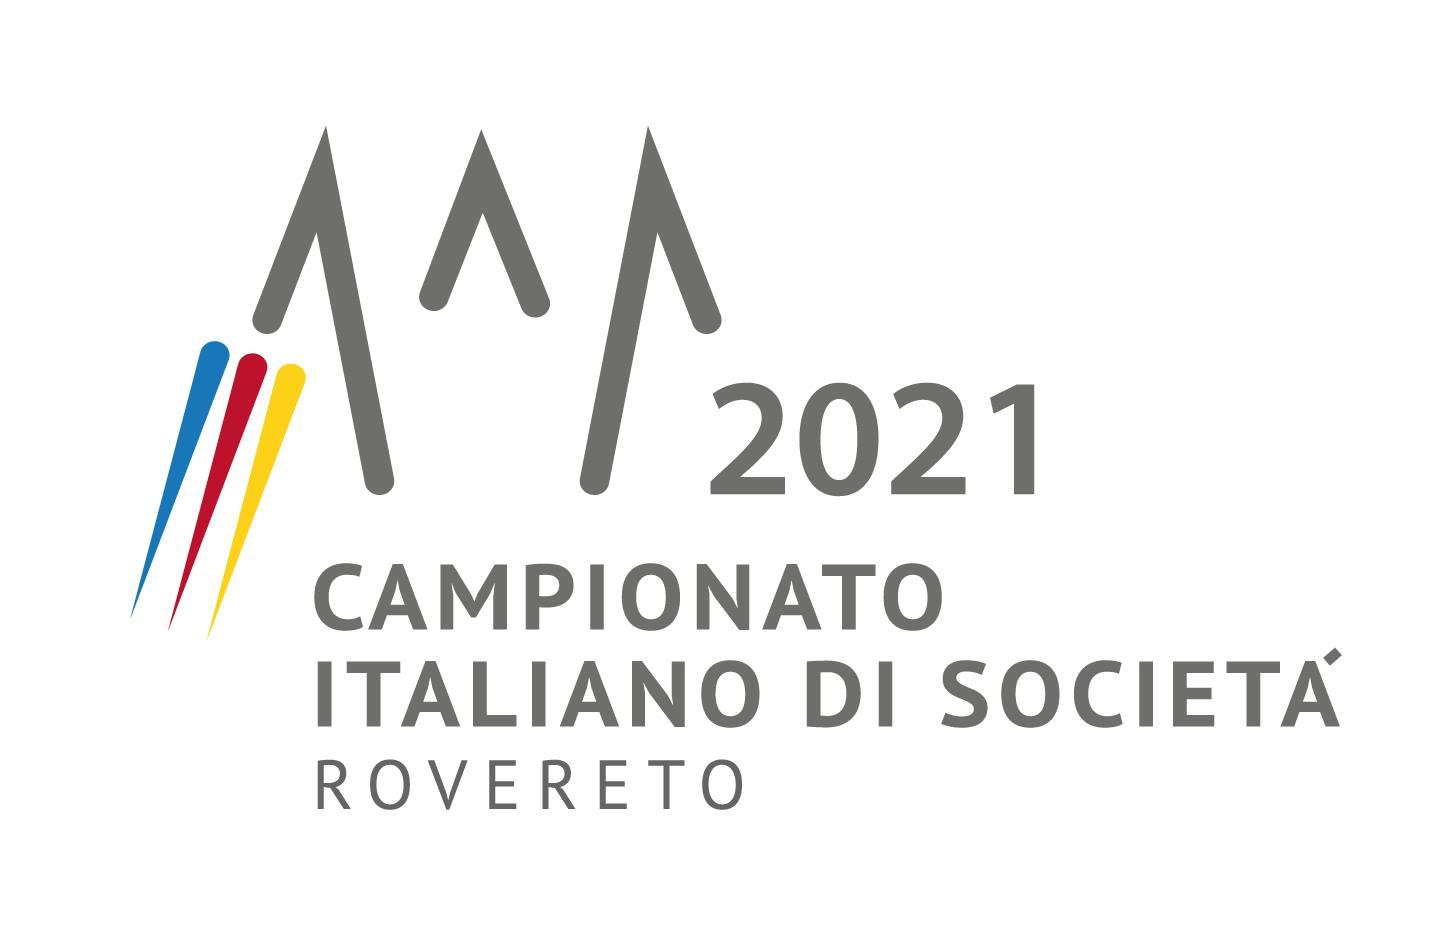 Campionati Italiani di Società. Tutte le informazioni